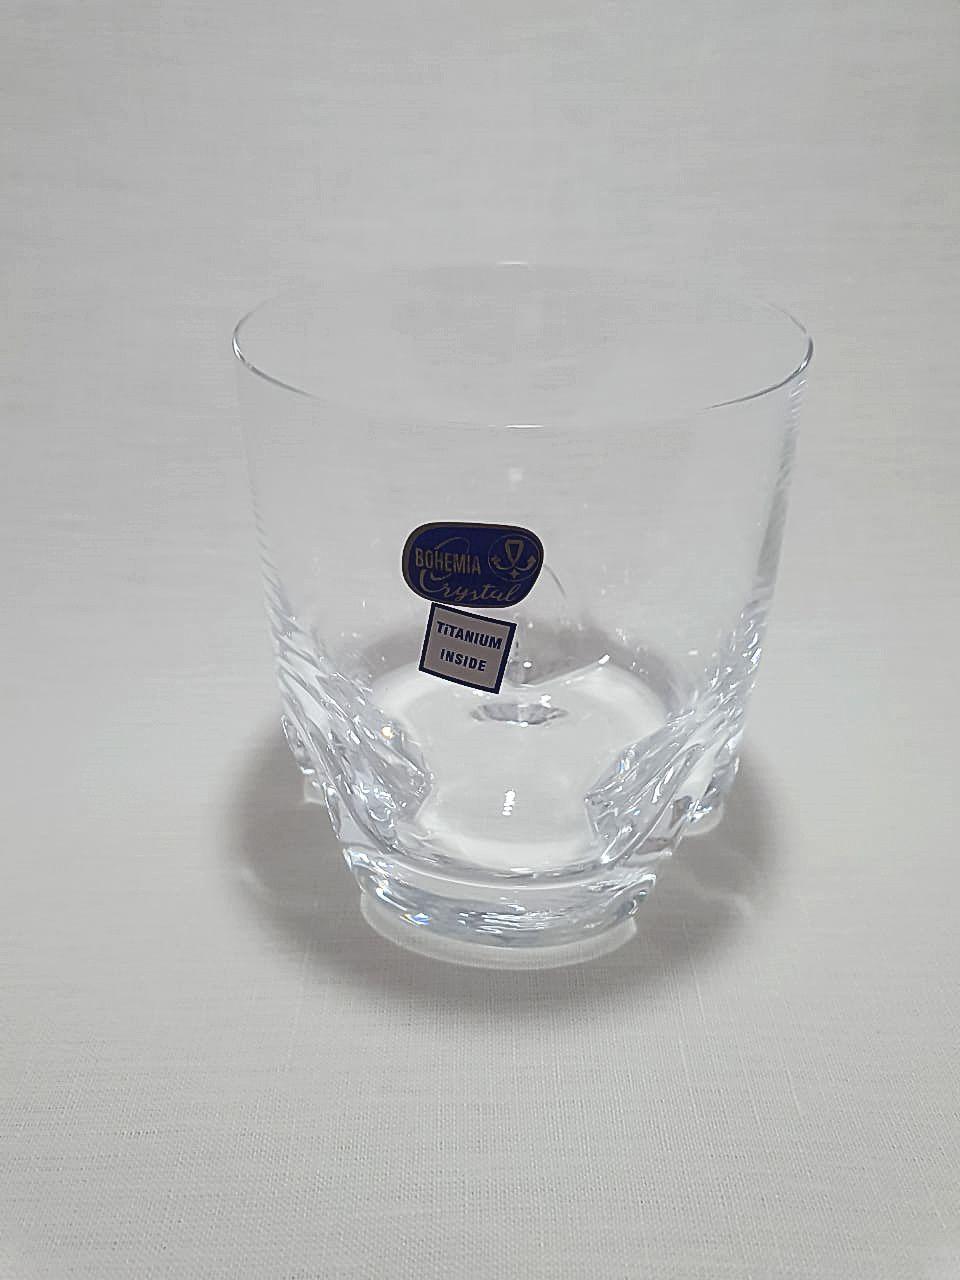 Jogo 6 Copos Cristal Bohemia Titanium Inside - On The Rocks 410ml